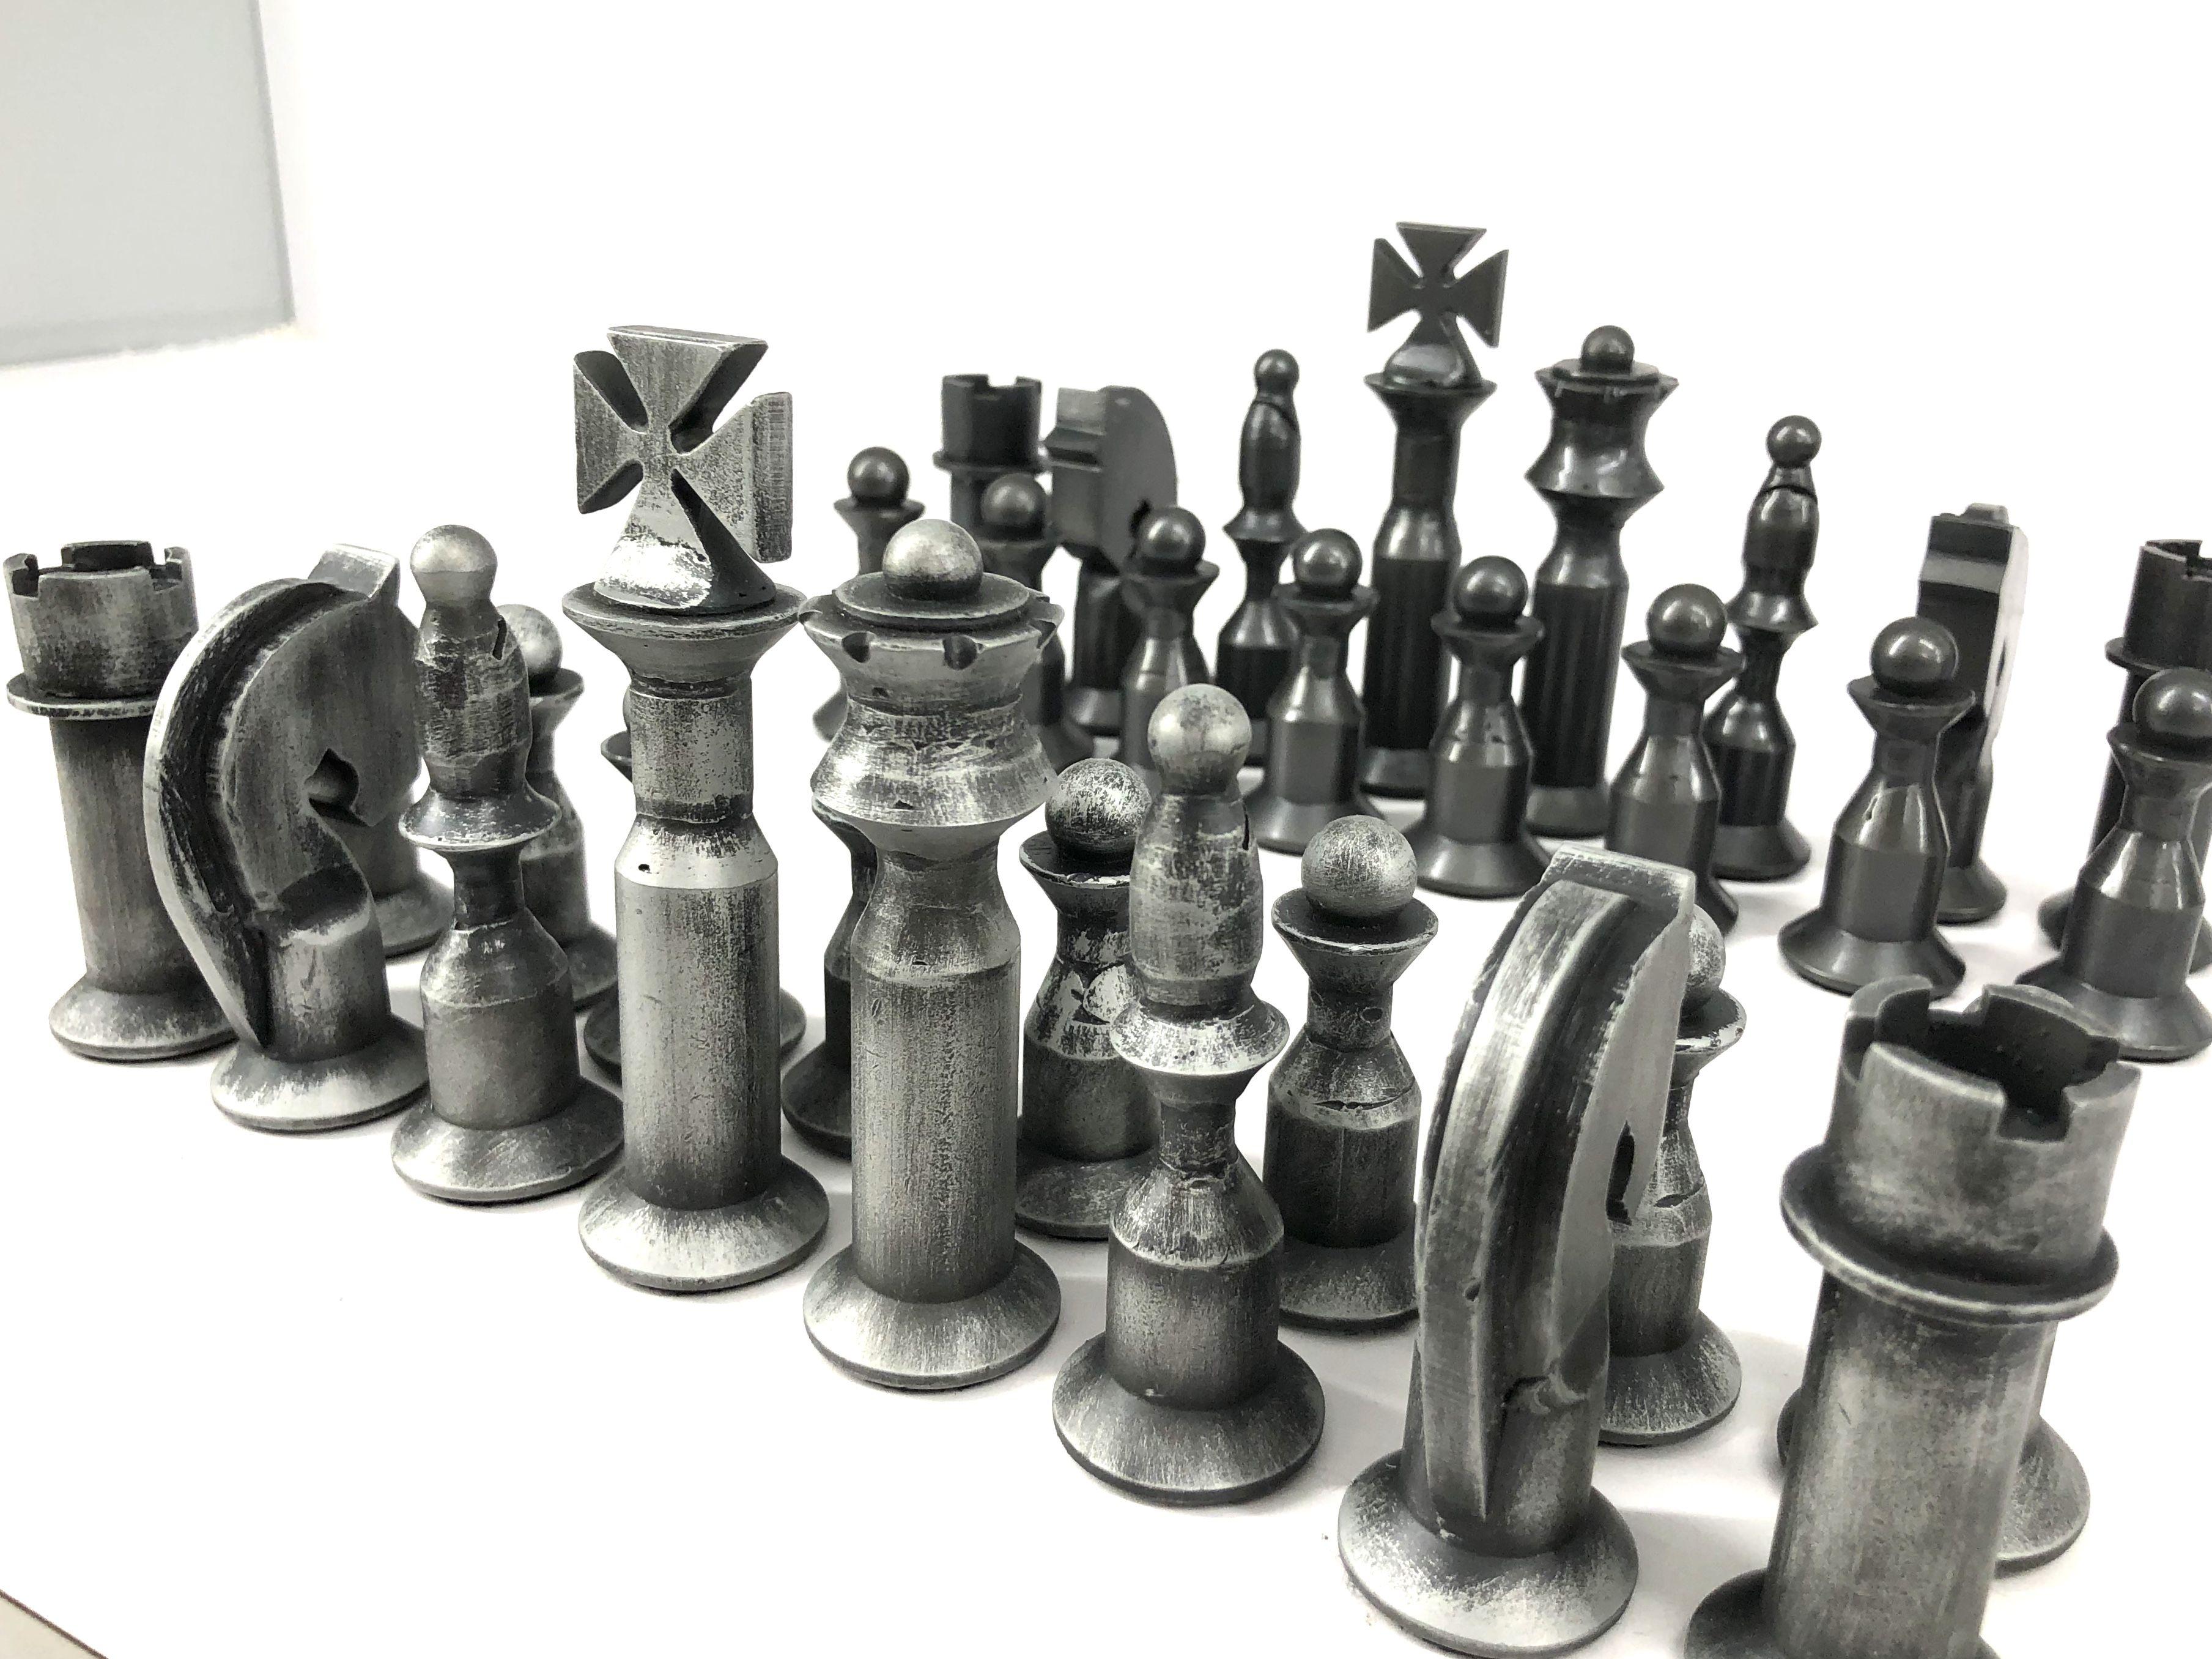 Hand made chess set | Hand made chess set | Chess, Handmade, Home decor